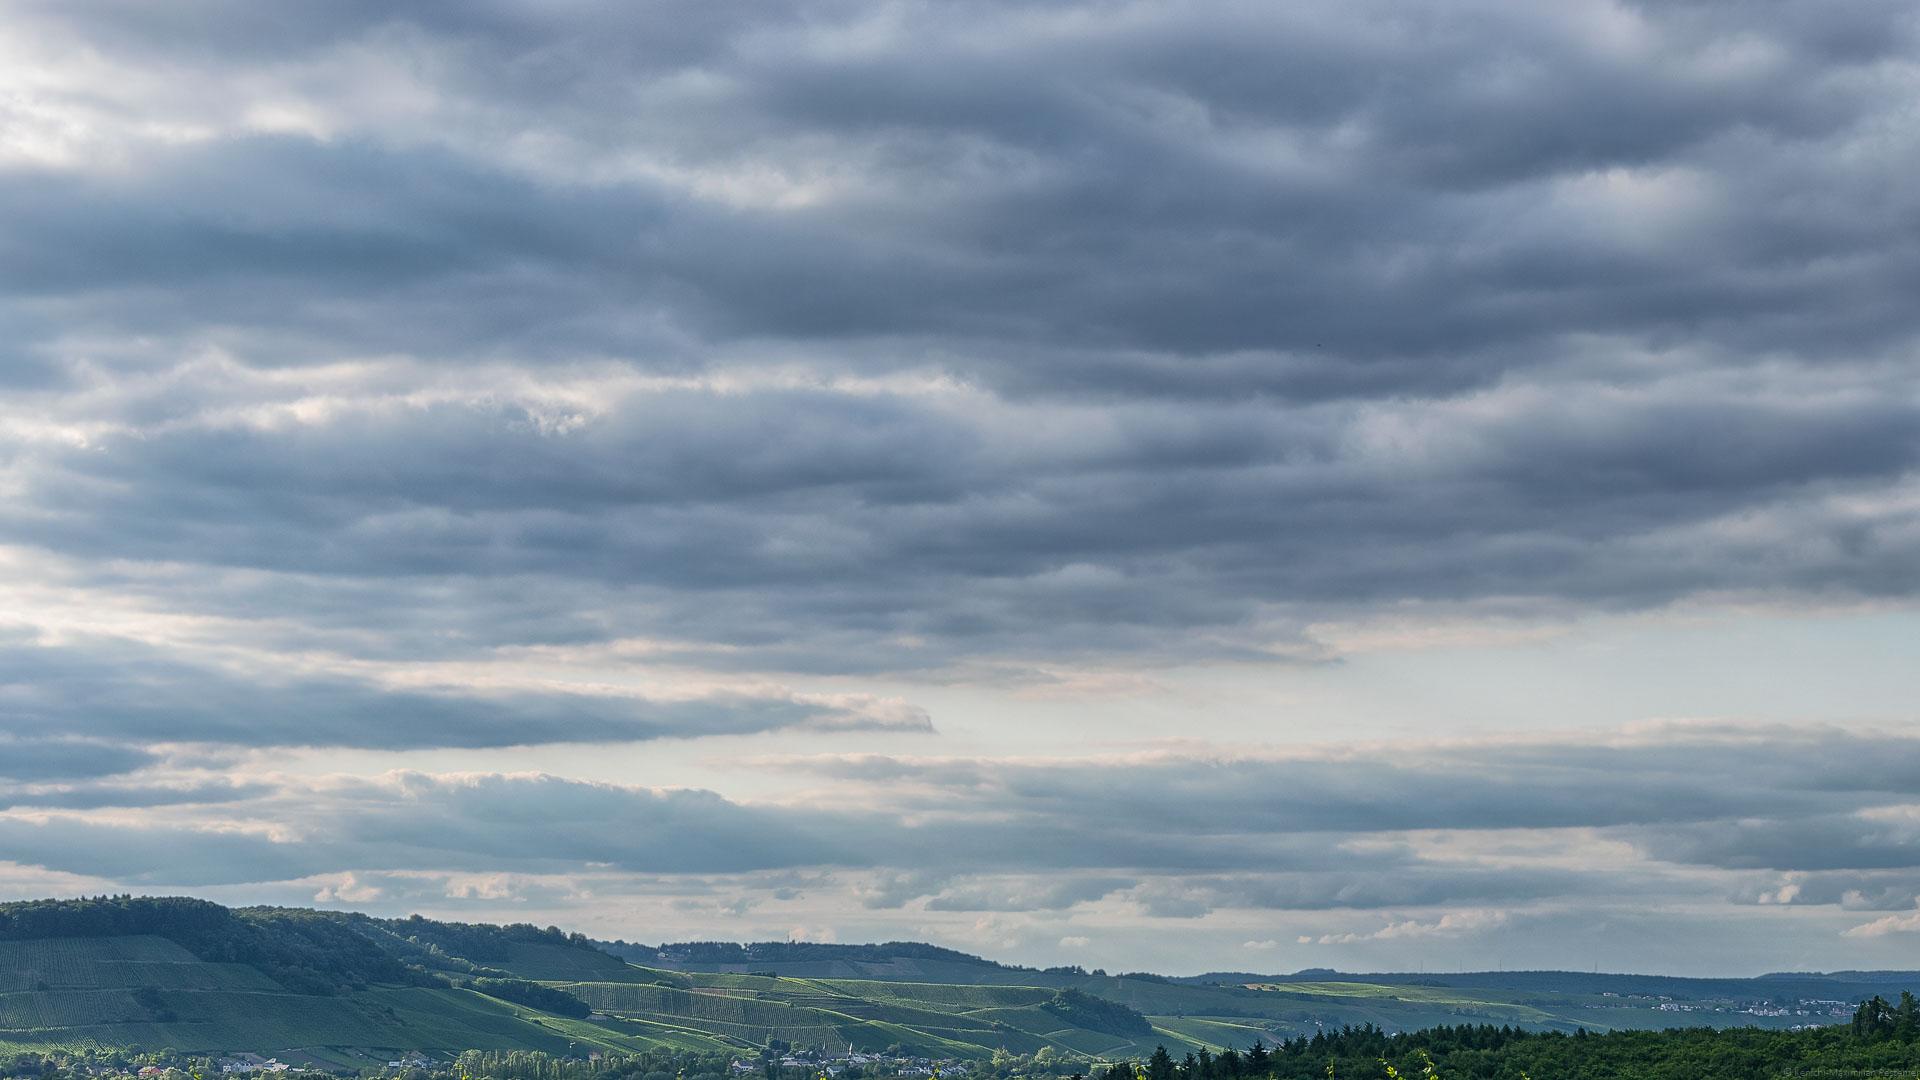 Blick vom deutschen Perl auf die Weinberge Luxemburgs beim Sonnenuntergang: Dreiländereck.